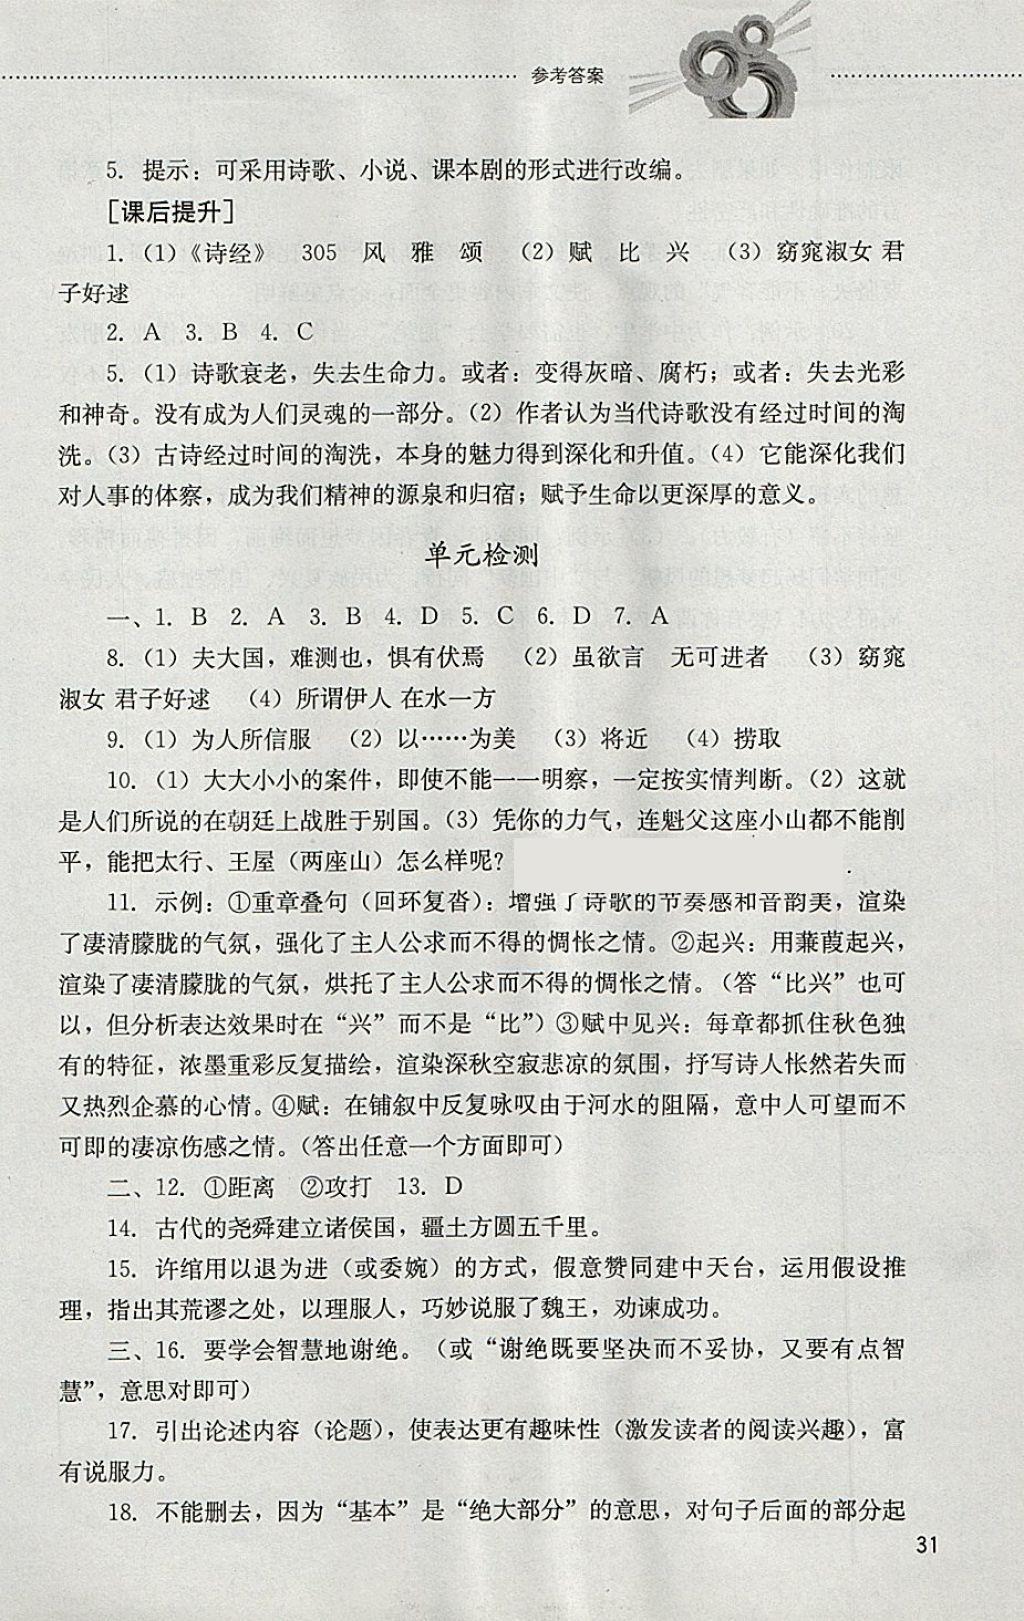 2018年初中课堂同步训练九年级语文下册山东文艺出版社第31页